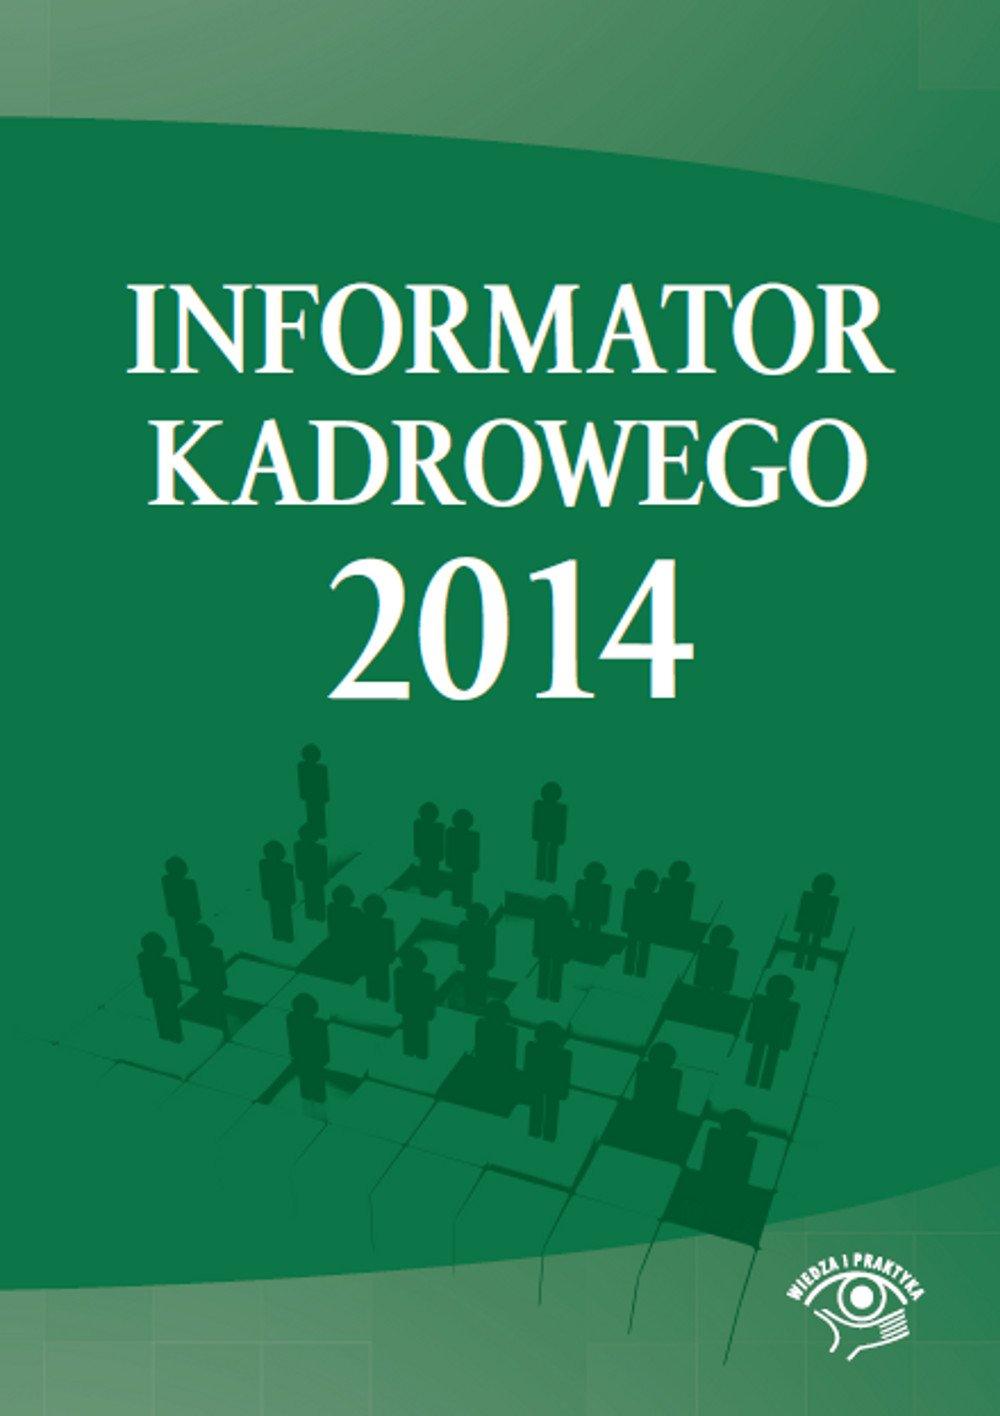 Informator kadrowego 2014 - Ebook (Książka PDF) do pobrania w formacie PDF